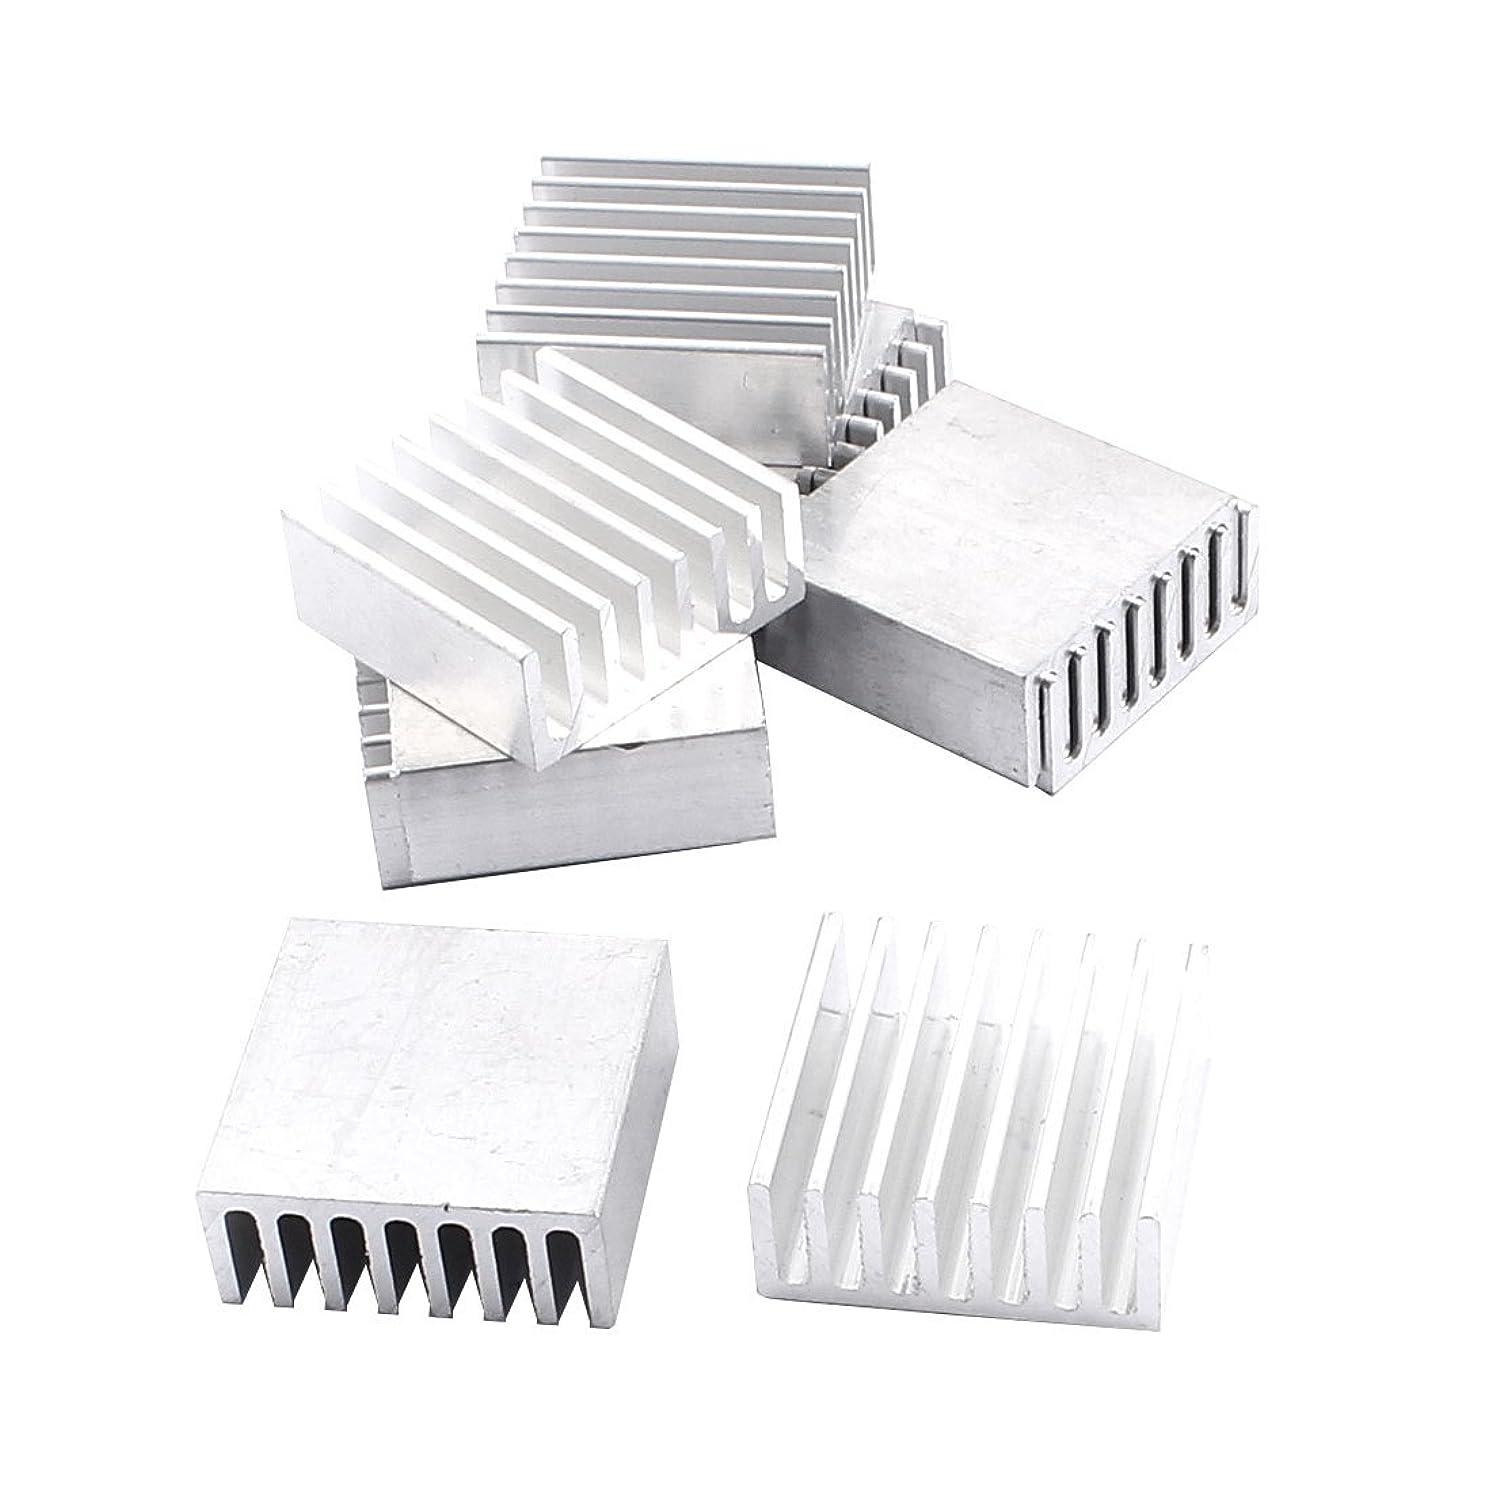 Uxcell a16012800ux0575 Aluminium Heatsink Heat Sink Radiator Fin 25x25x10 mm 10pcs Silver Tone (Pack of 10)